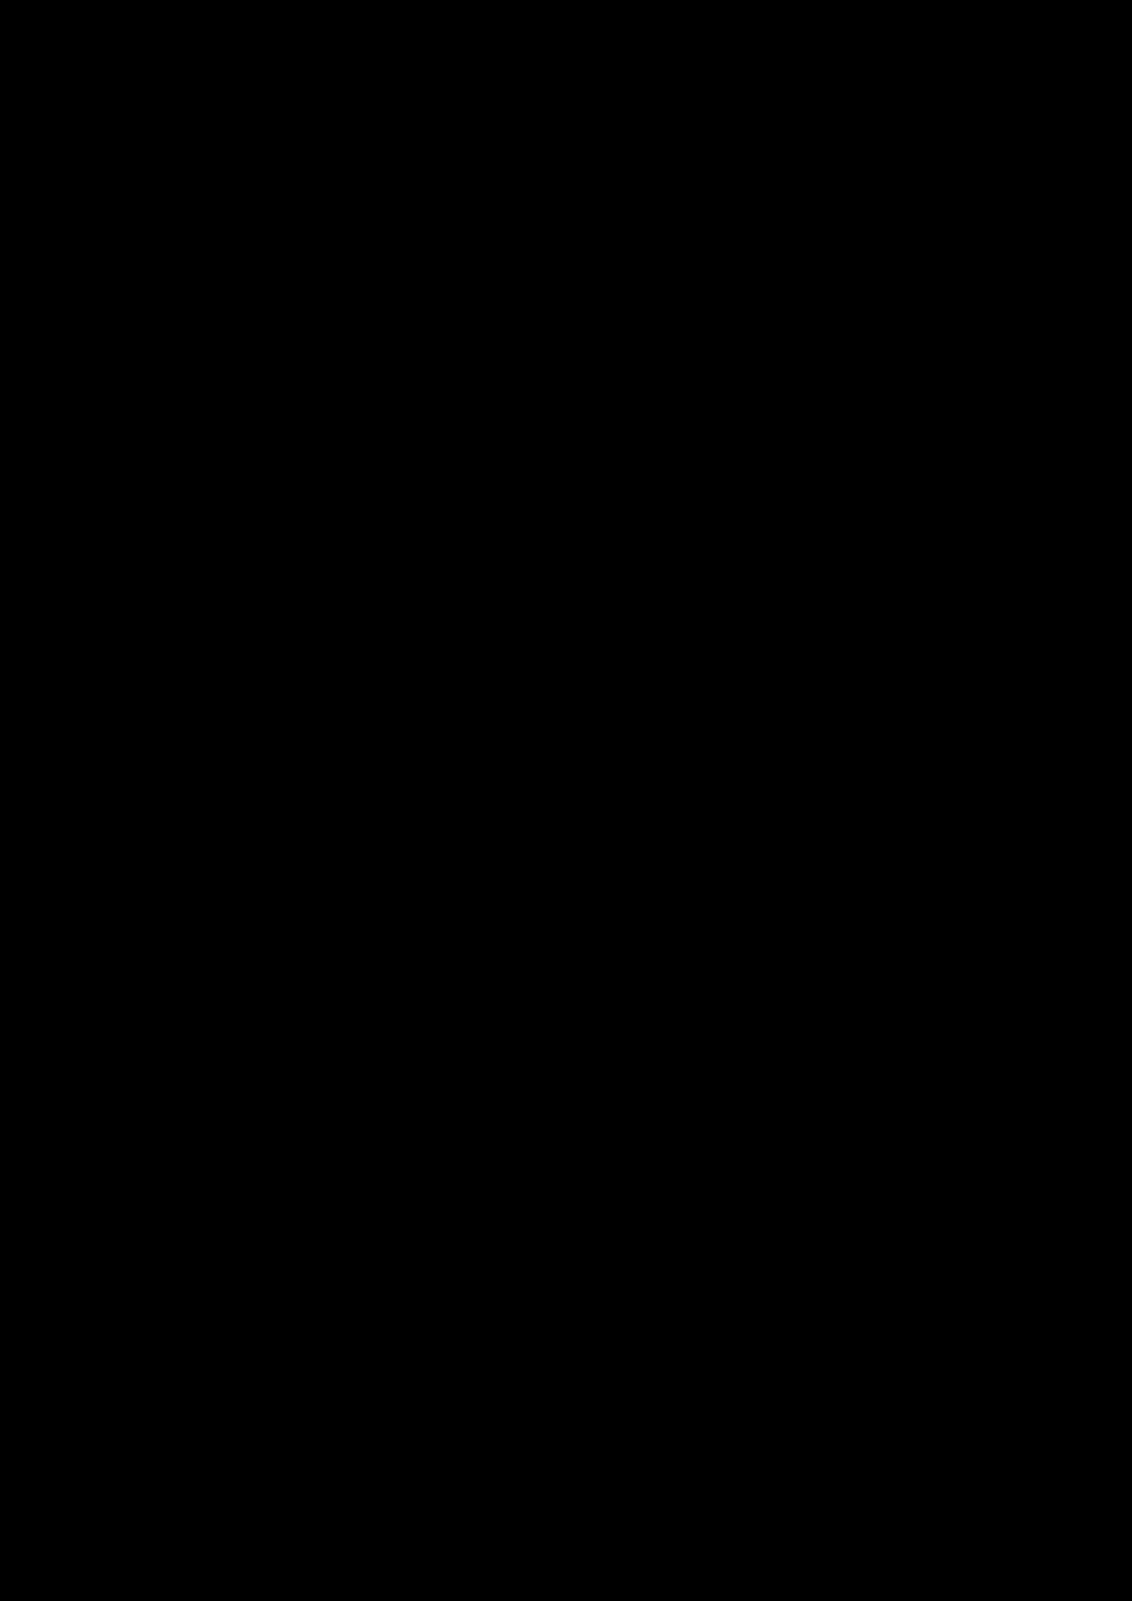 Proschanie s volshebnoy stranoy slide, Image 50